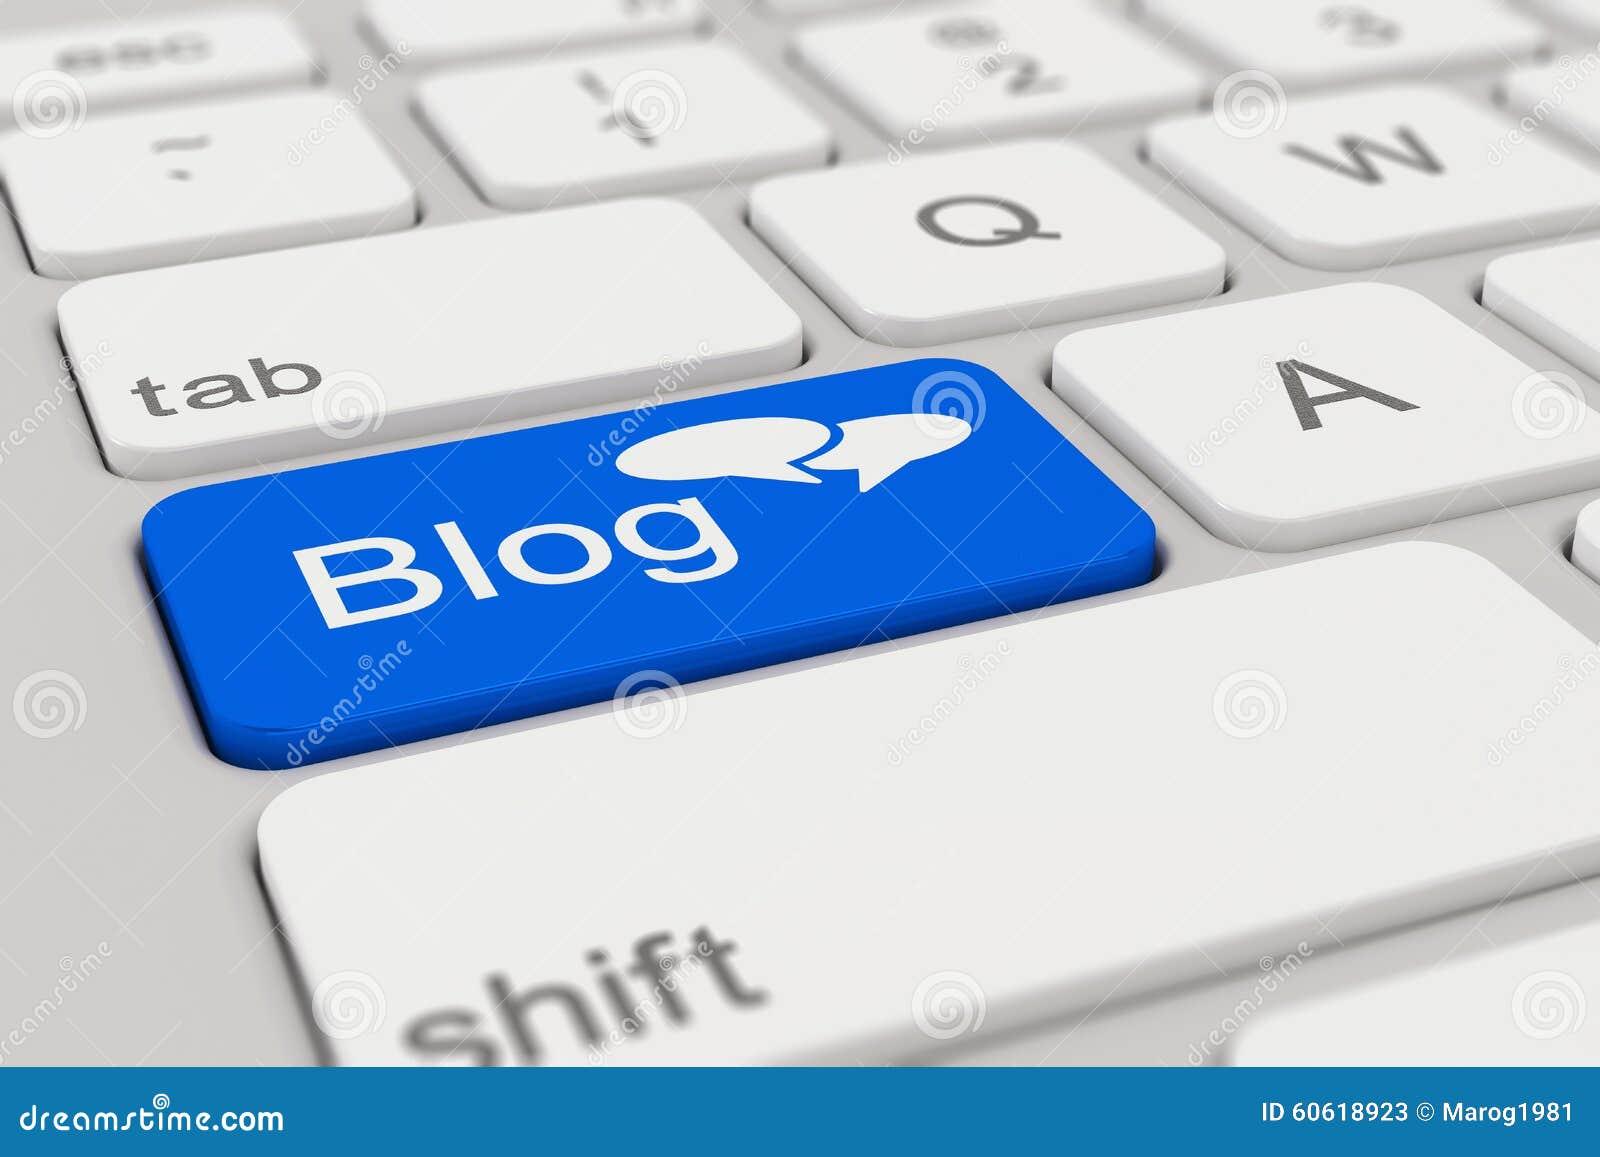 Πληκτρολόγιο - Blog - μπλε